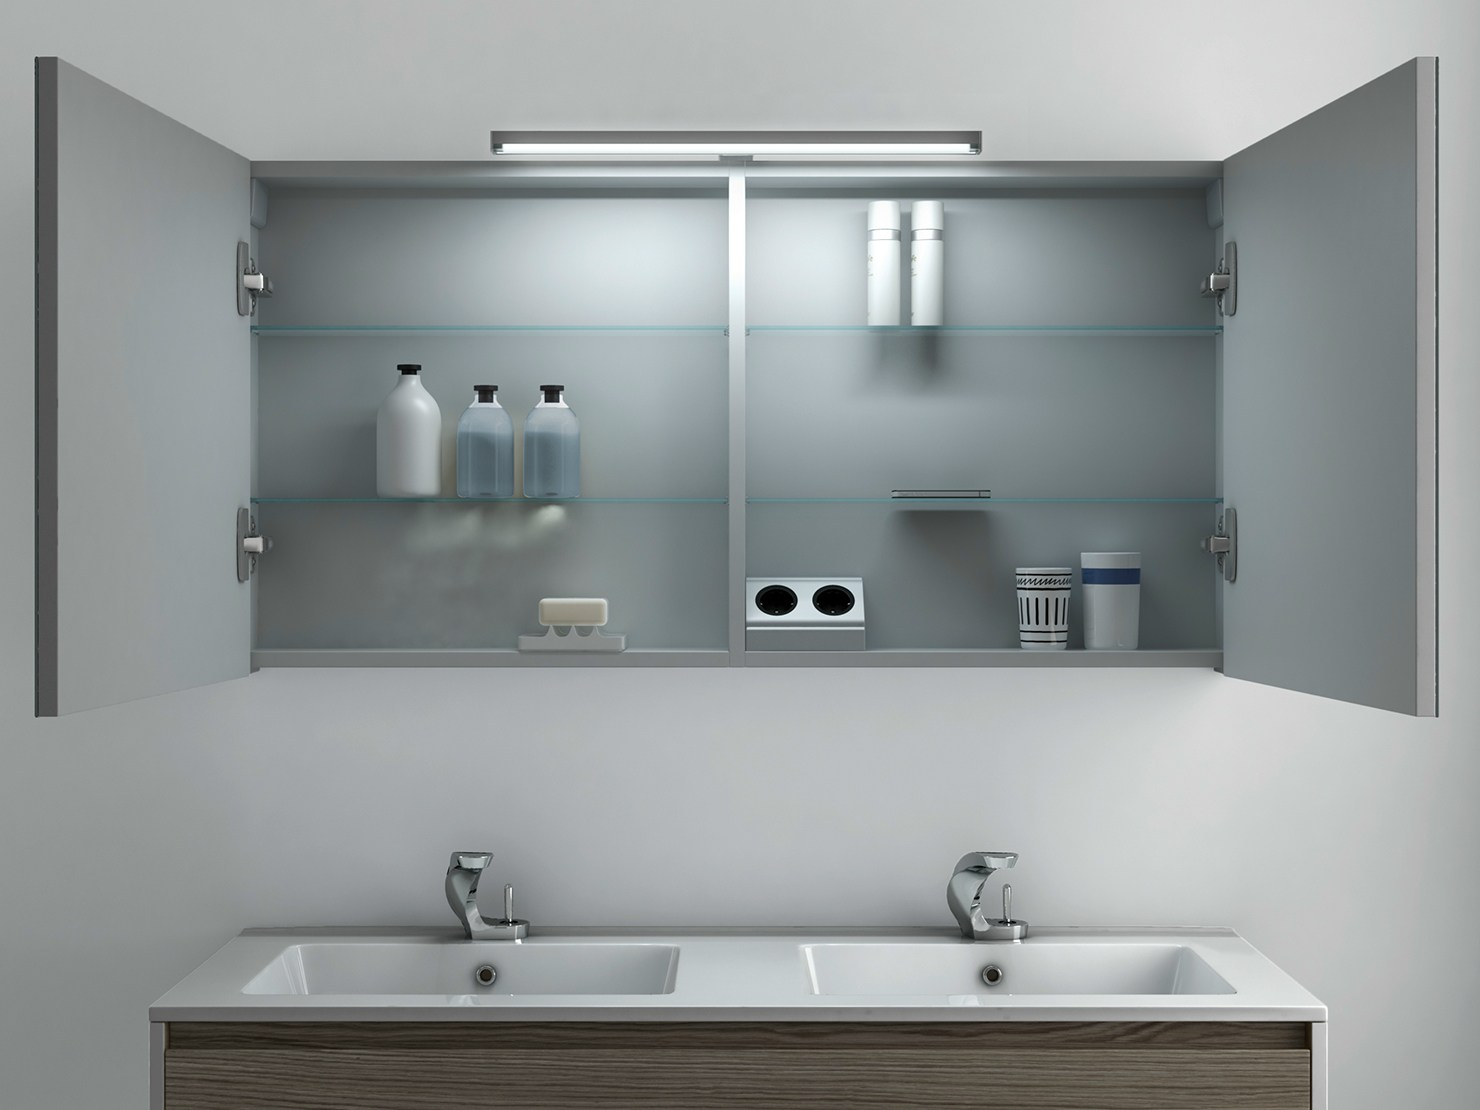 Strato espejo para ba o by inbani dise o inbani - Espejos de bano de diseno ...